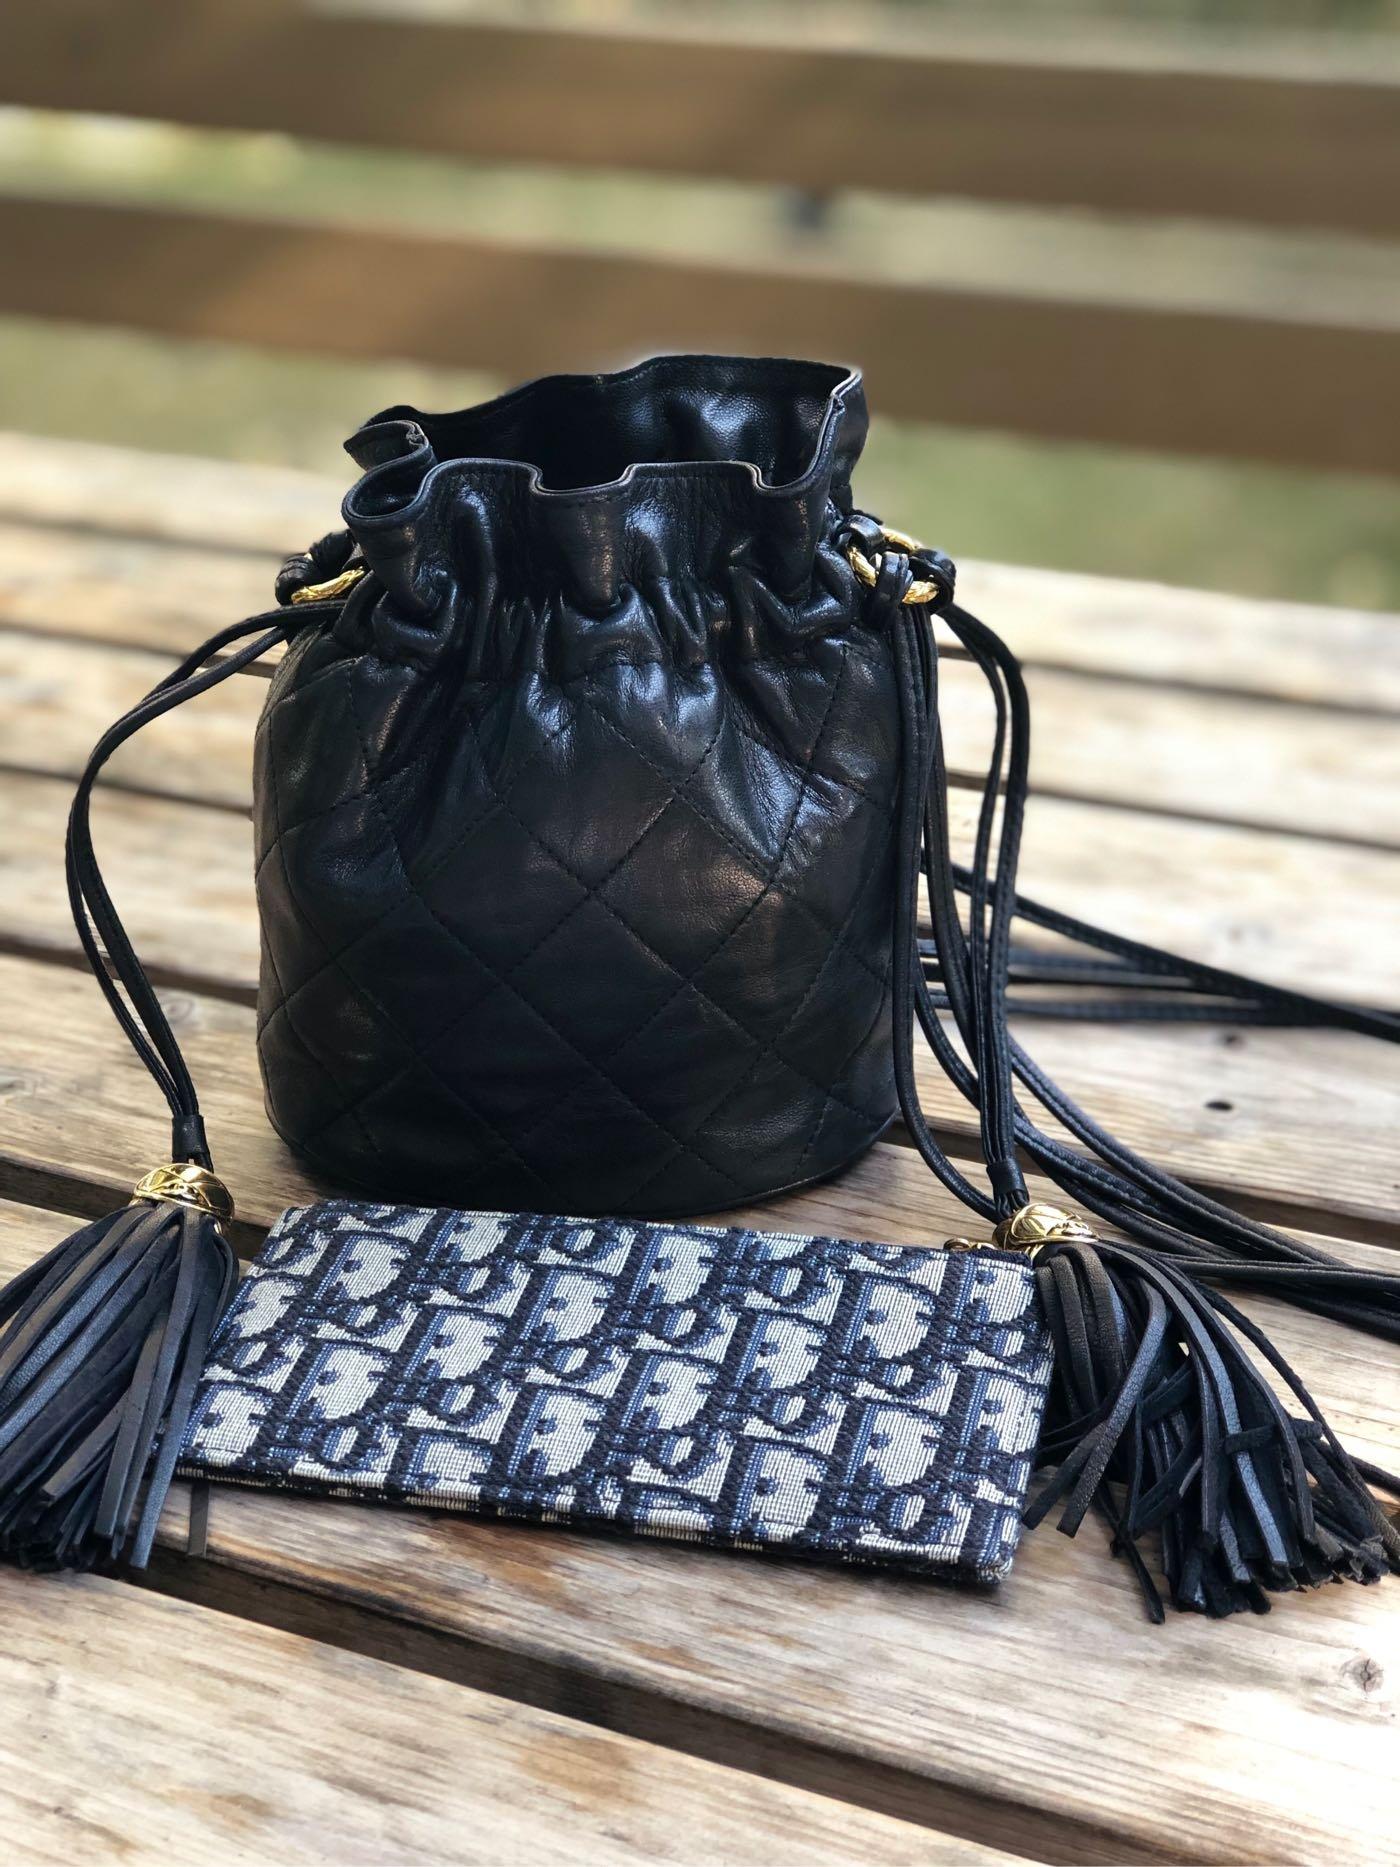 Chanel vintage 老香 水桶包 小羊皮 金球流蘇包   黑色